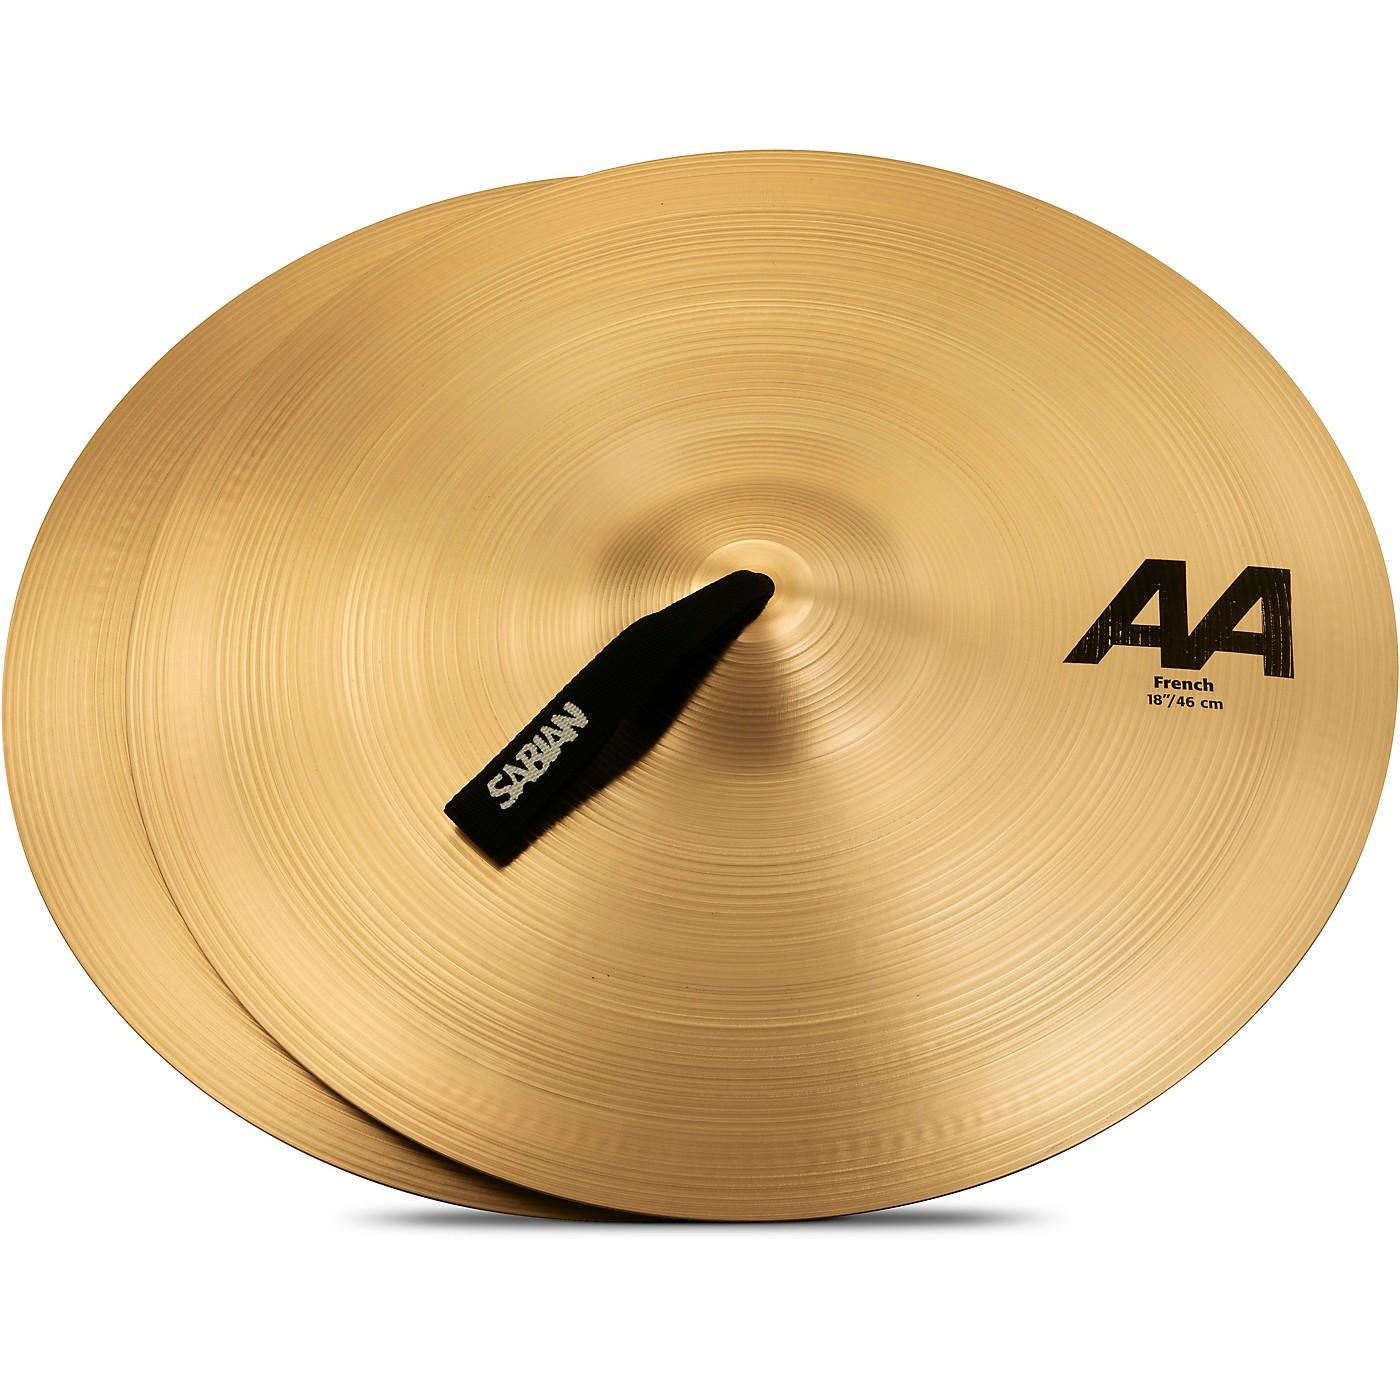 Sabian AA French Cymbals thumbnail